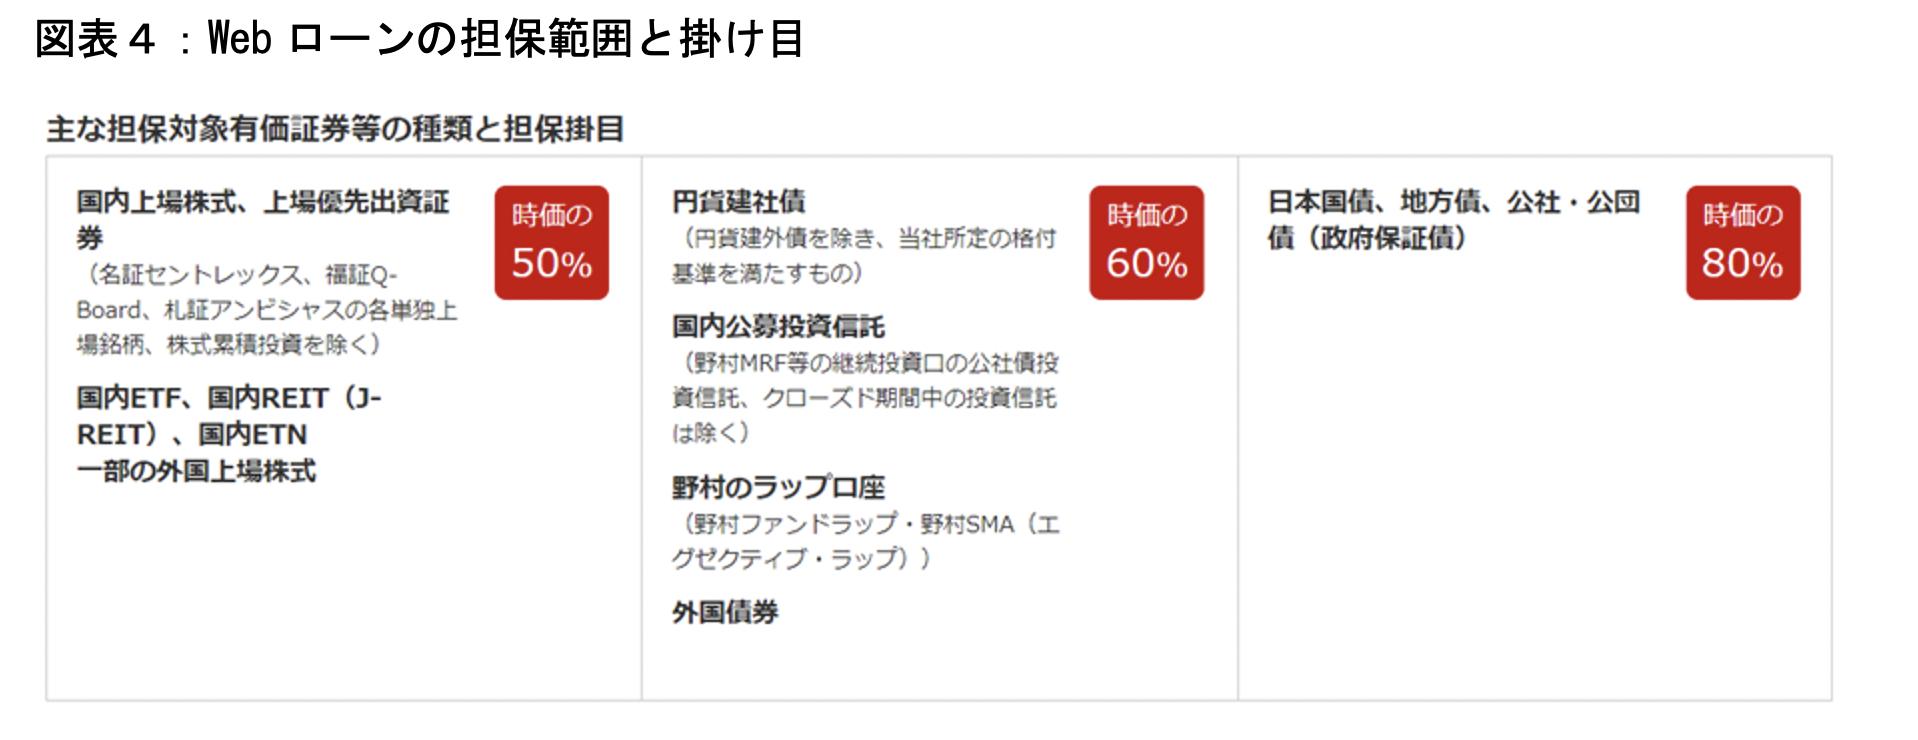 出所:https://www.nomura-trust.co.jp/lp/loan/index.html